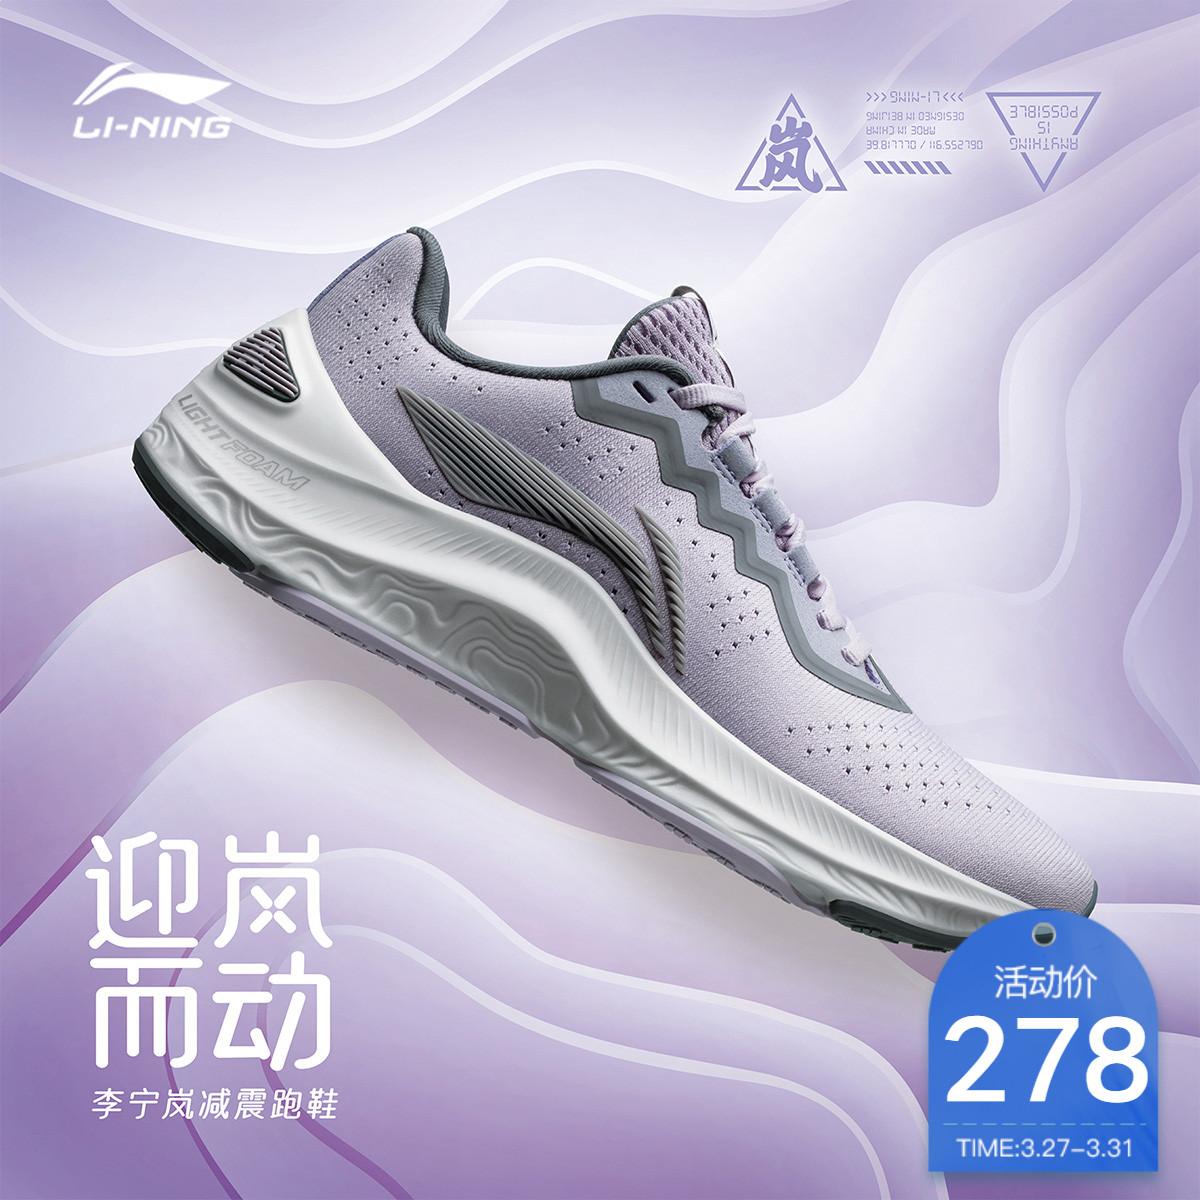 李宁跑步鞋官方2021新款岚网面女鞋评价如何?